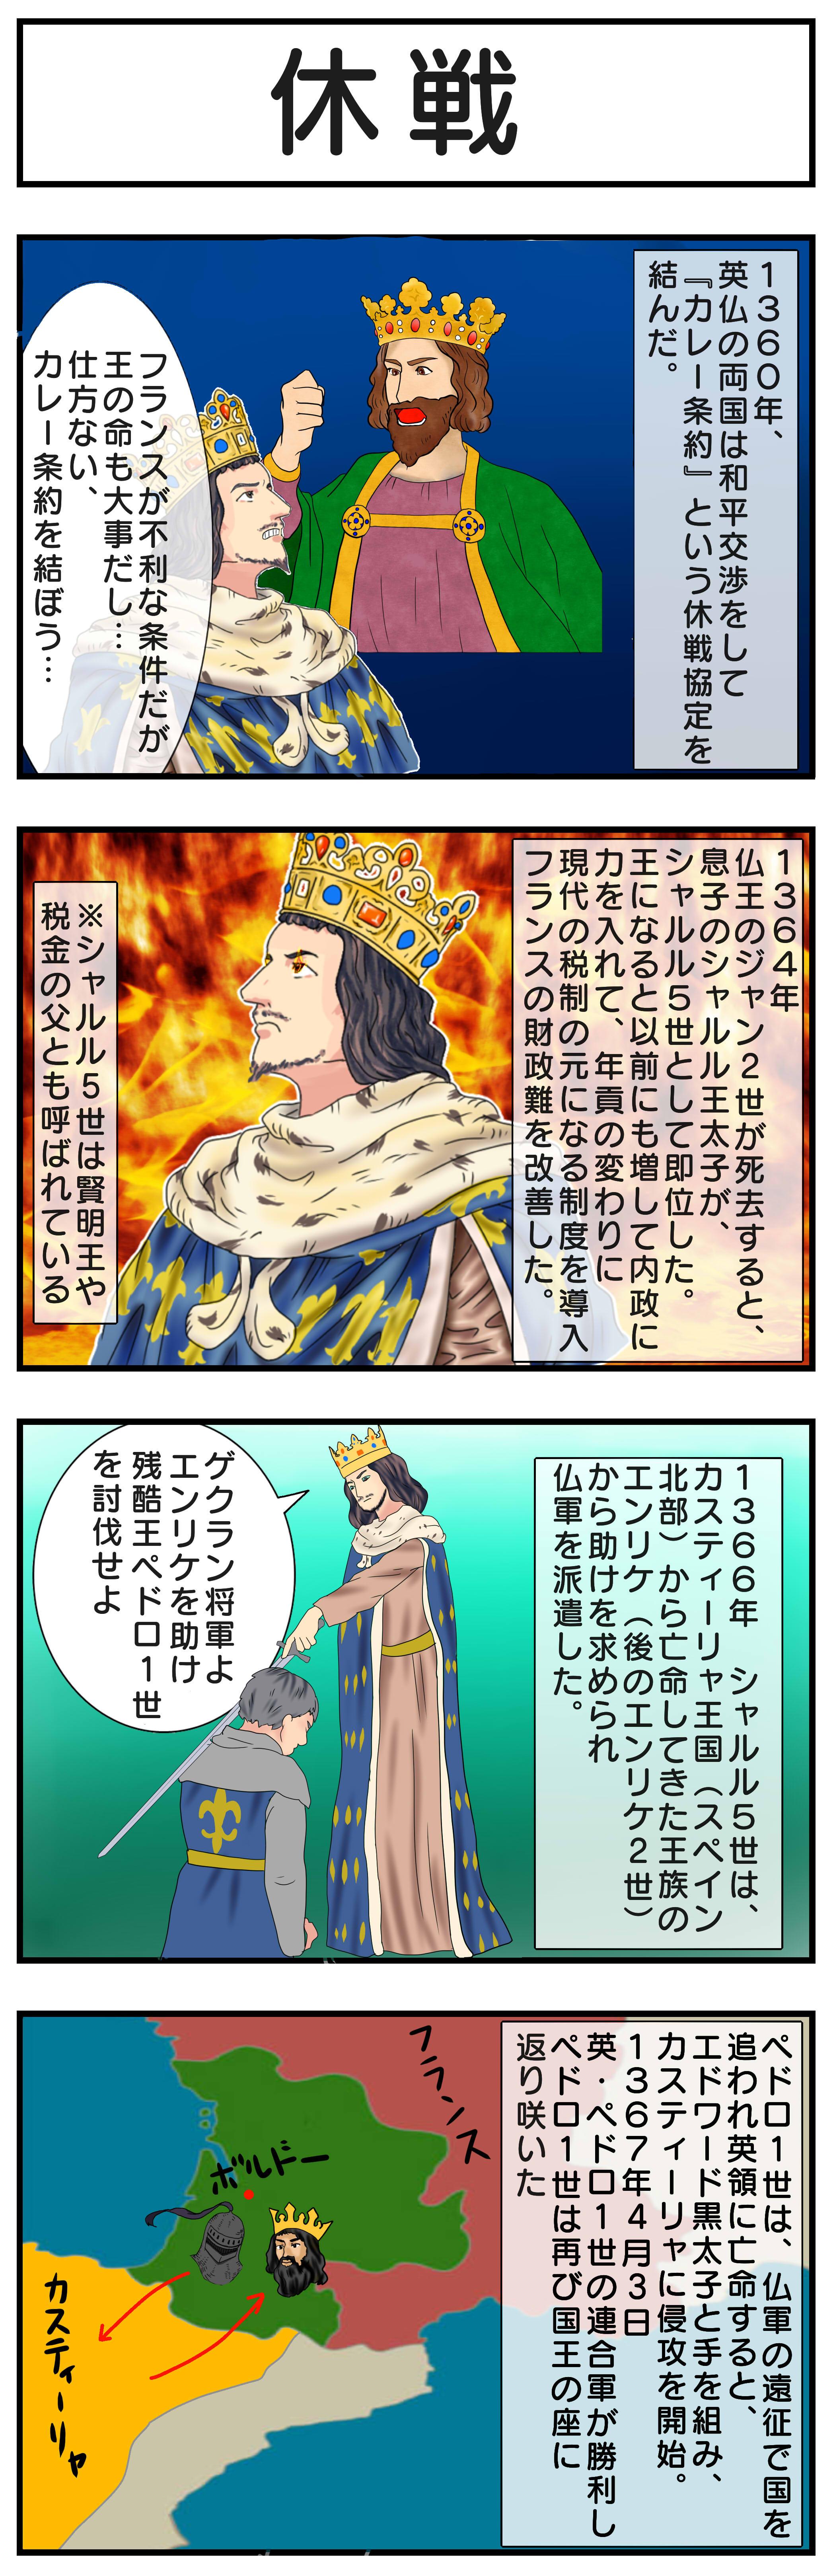 休戦_4コマ漫画